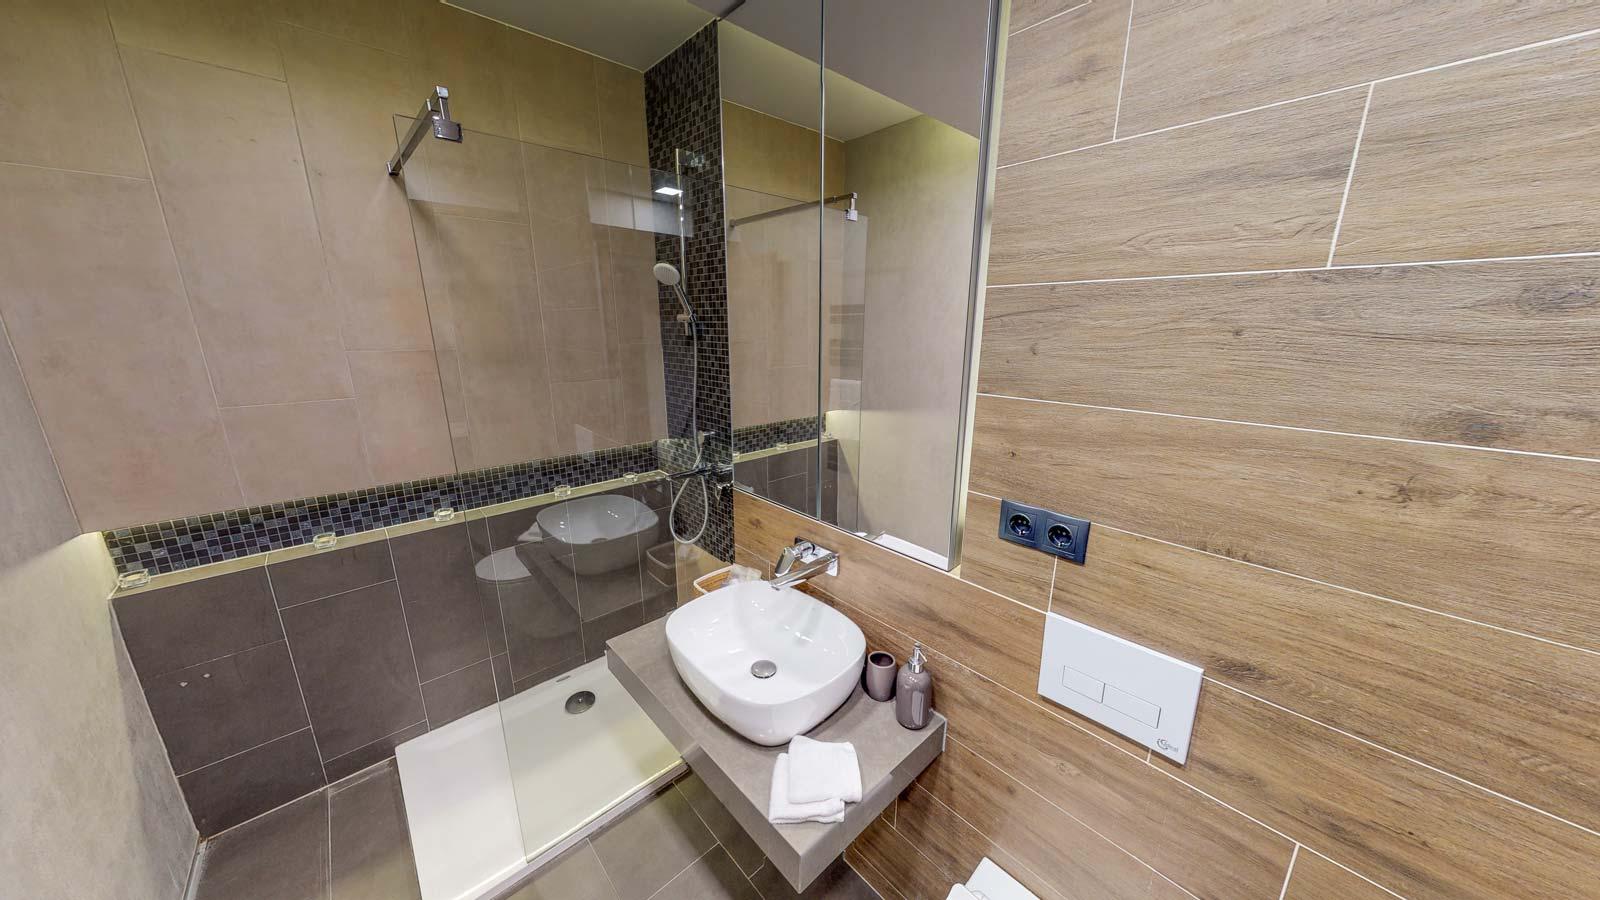 Imagine din baie cuprinzând o oglindă, chiuvetă şi duşul cu paravan de sticlă